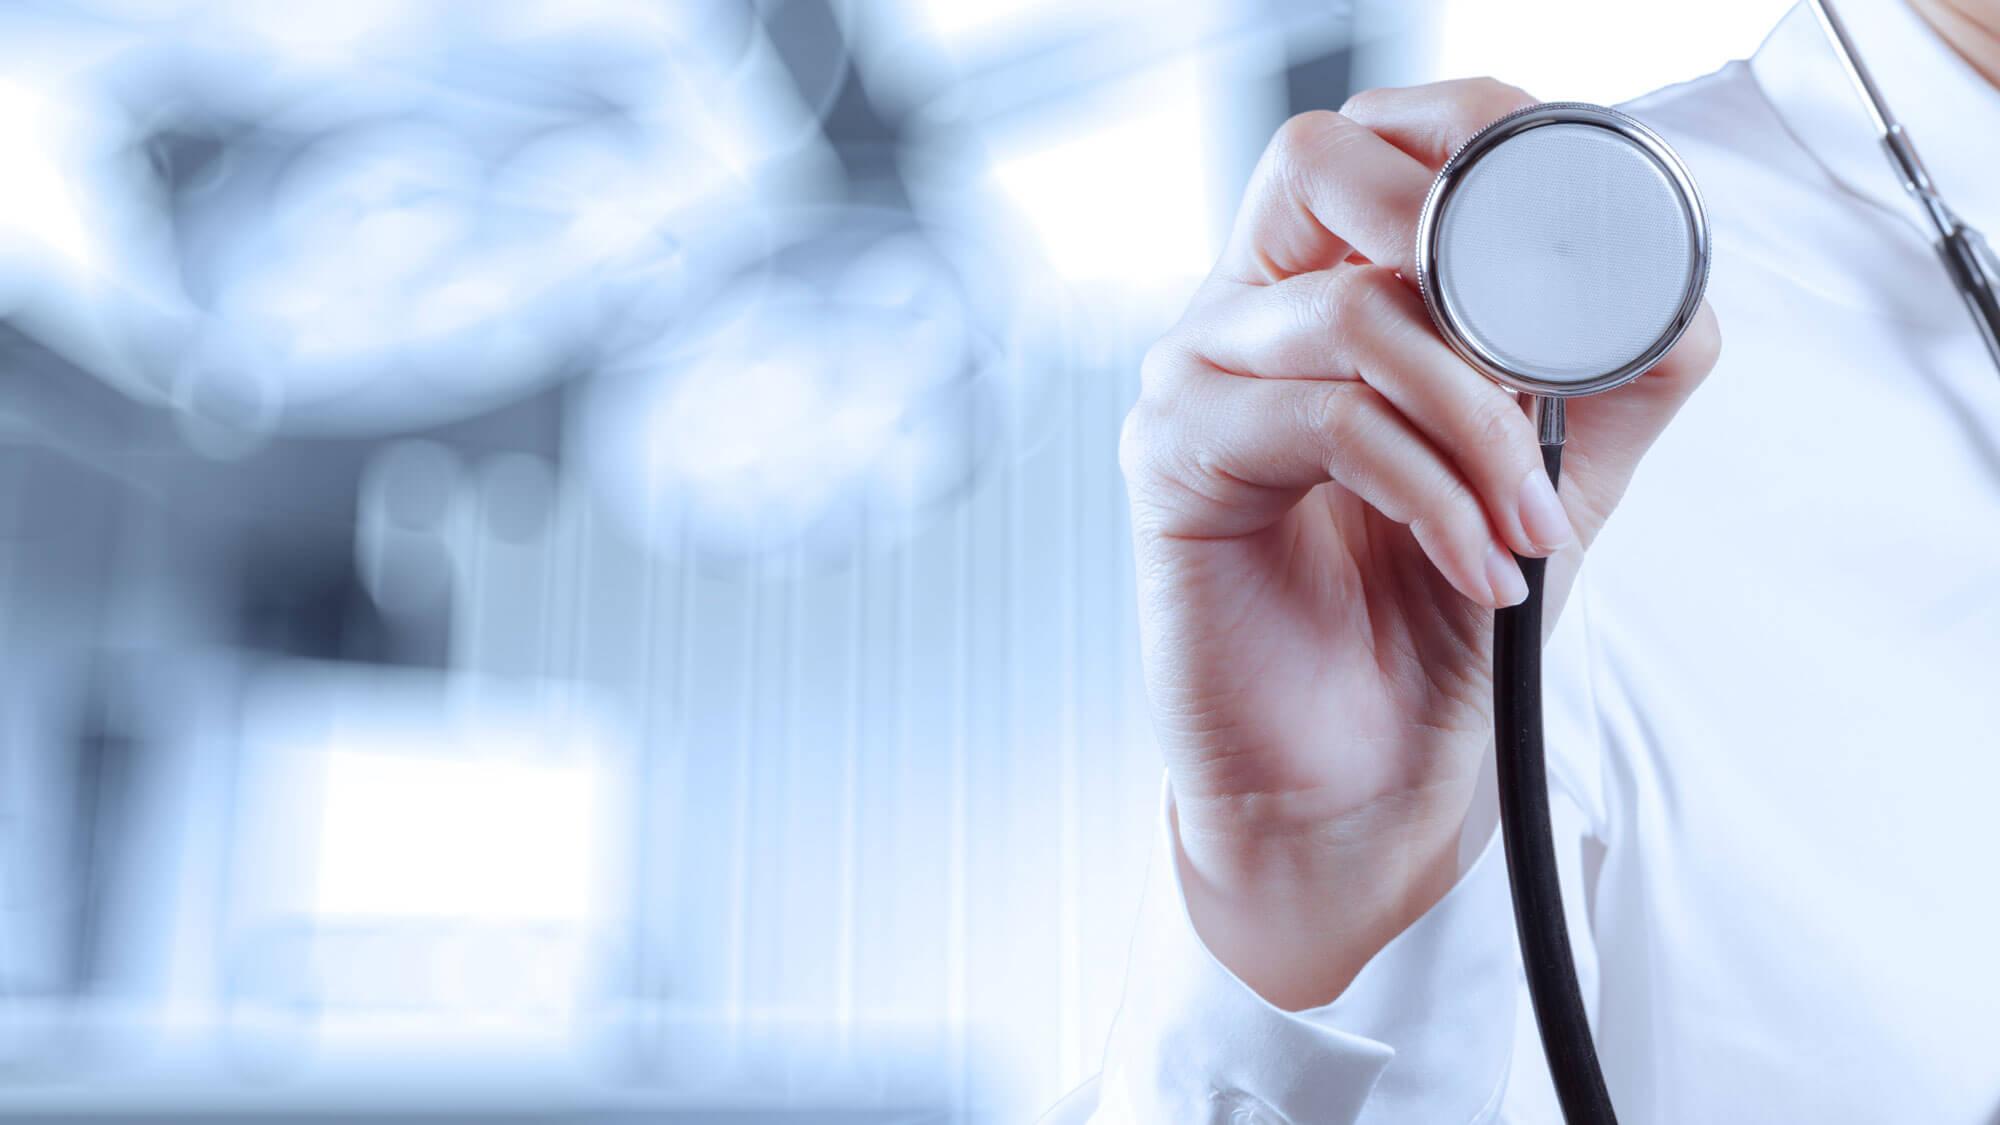 NOUVEAU : 5 médecins généralistes rejoignent nos centres de santé !